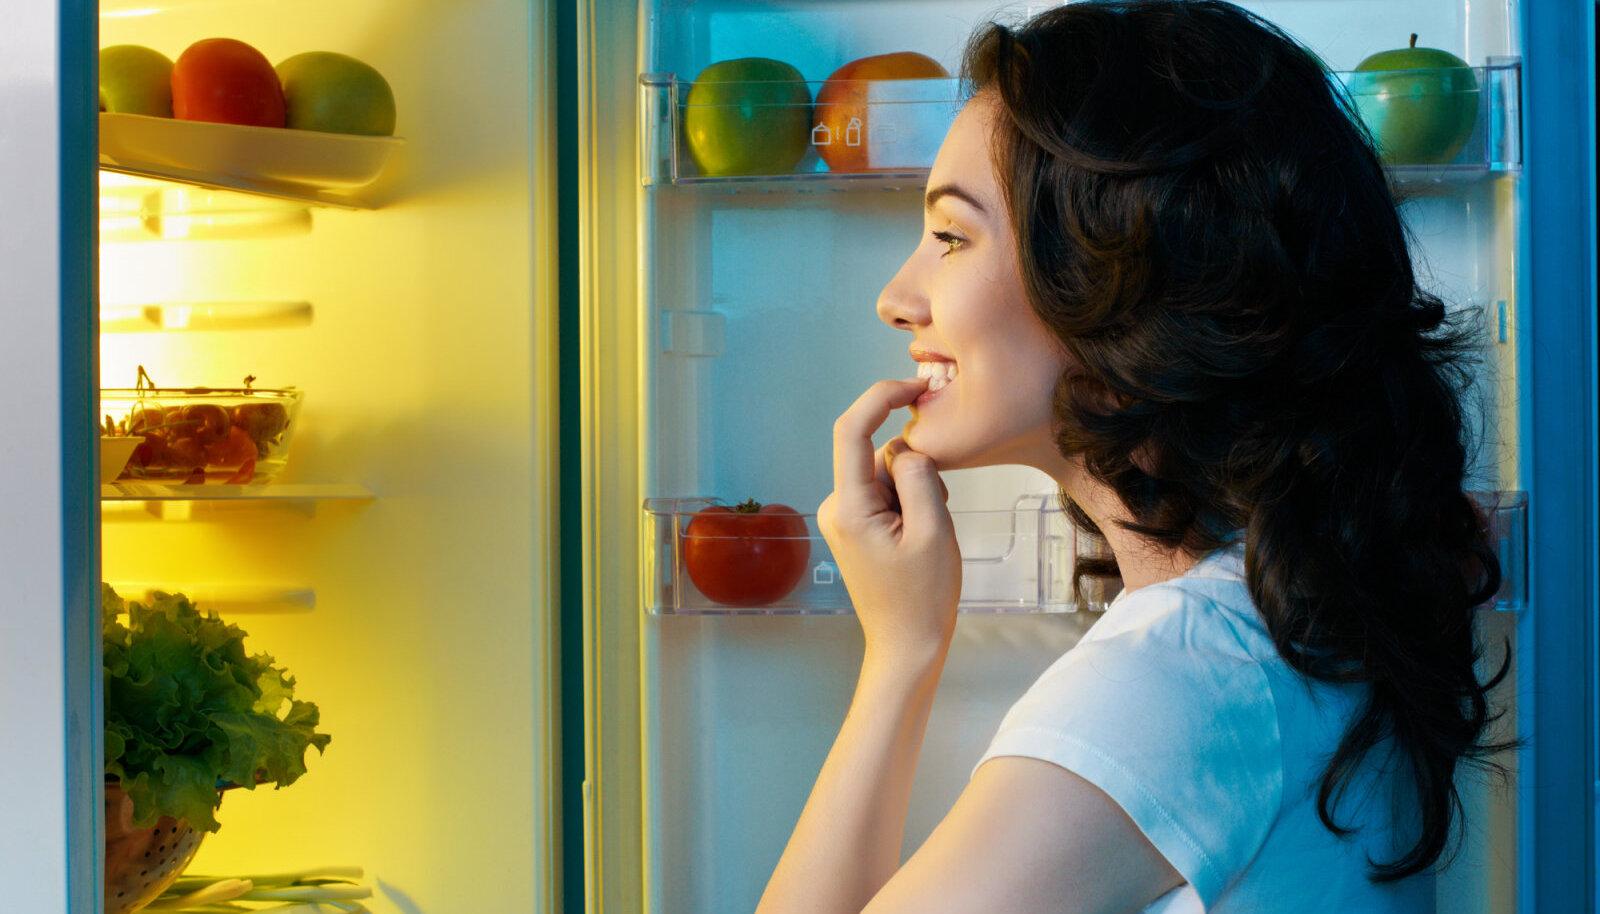 Pane külmkapp kinni ja joo parem klaas vett